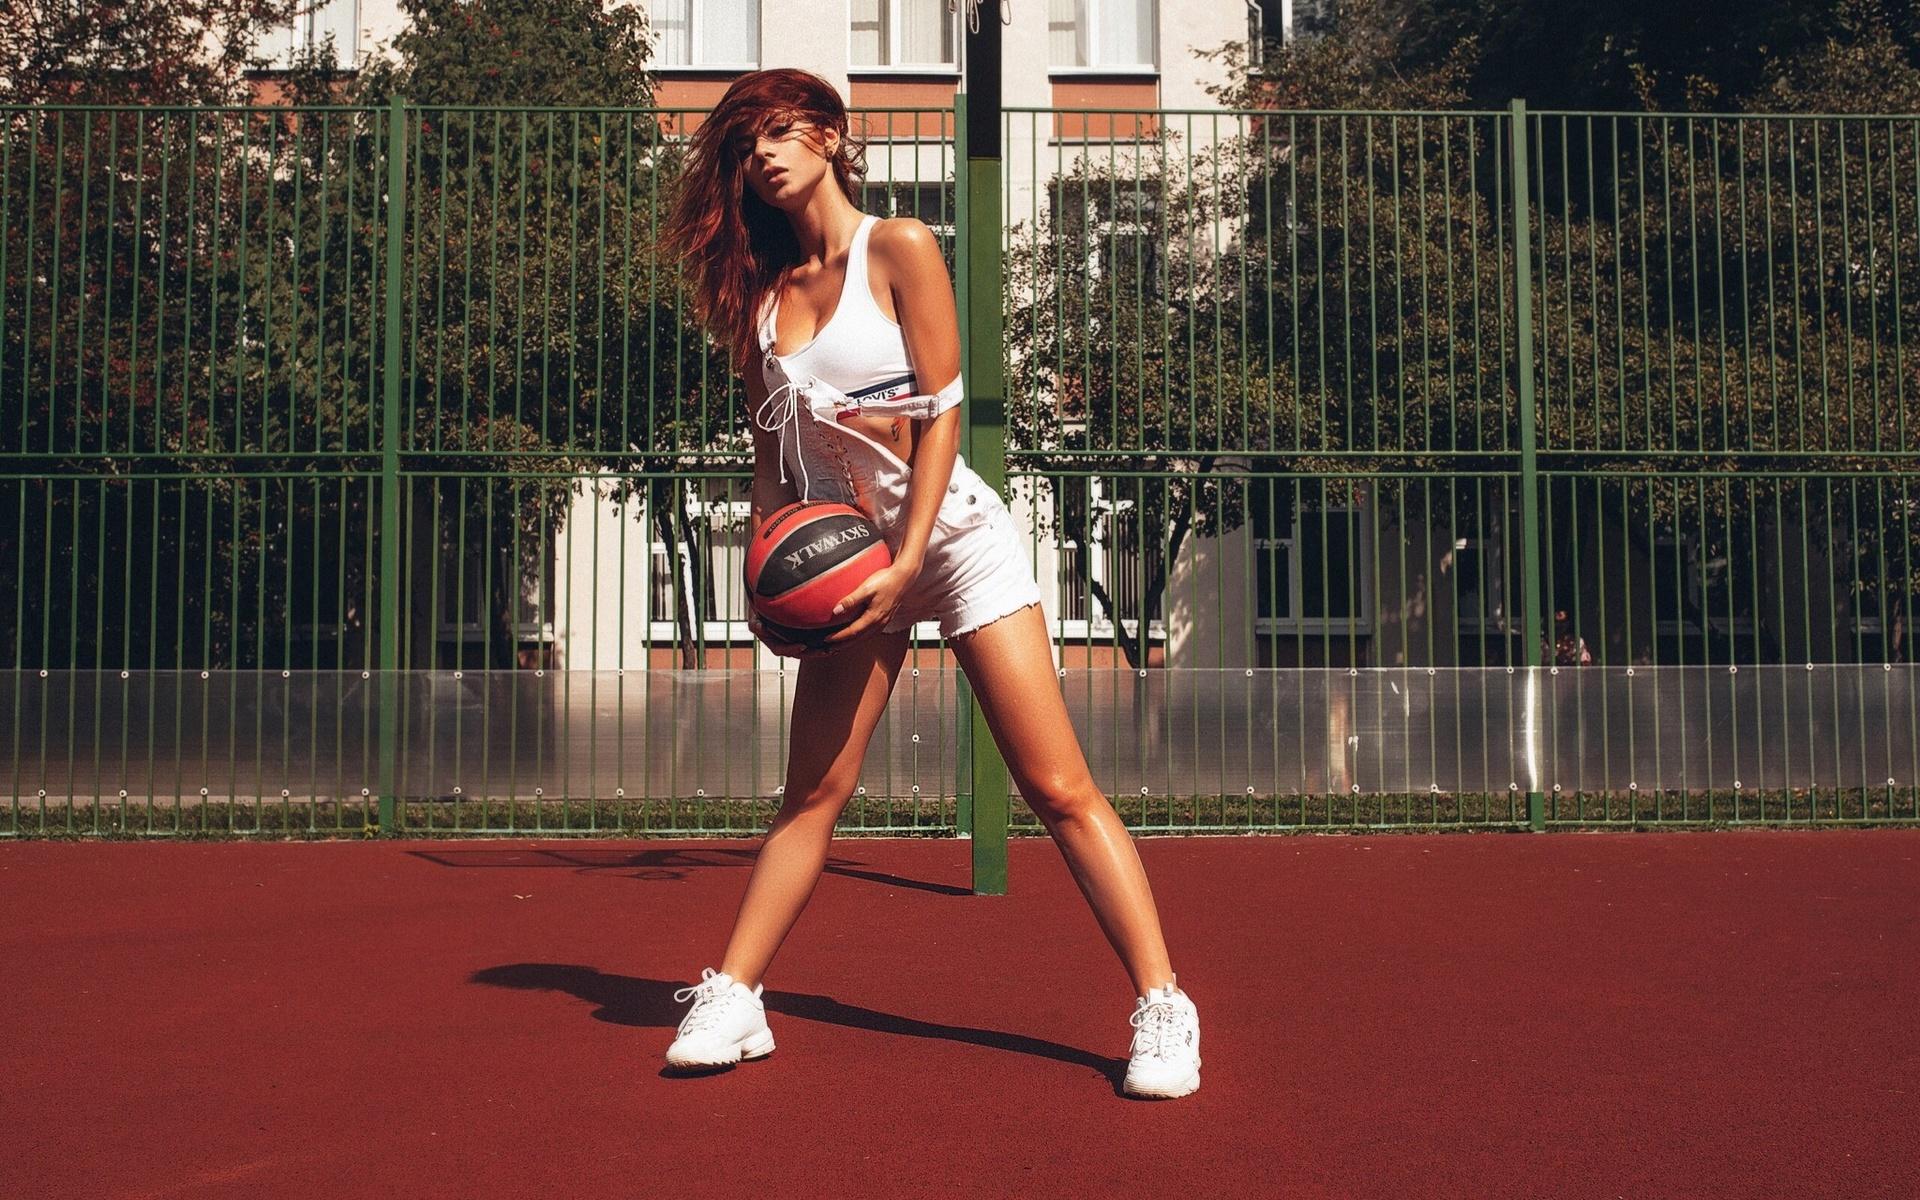 Красивые девушки на спортплощадках 3